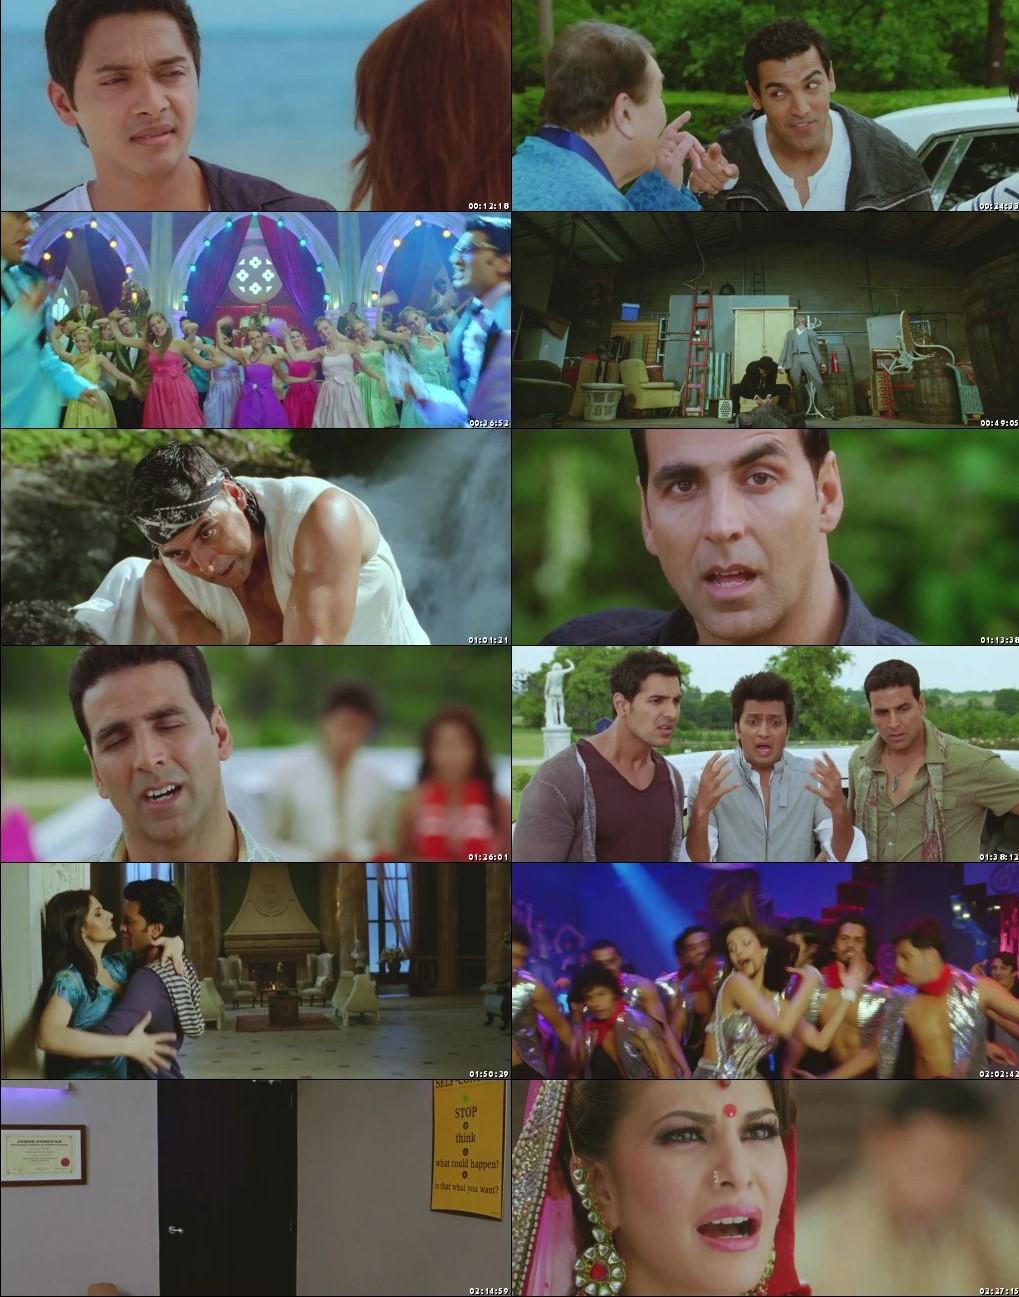 HouseFull 2 2012 Full Hindi Movie Online Watch